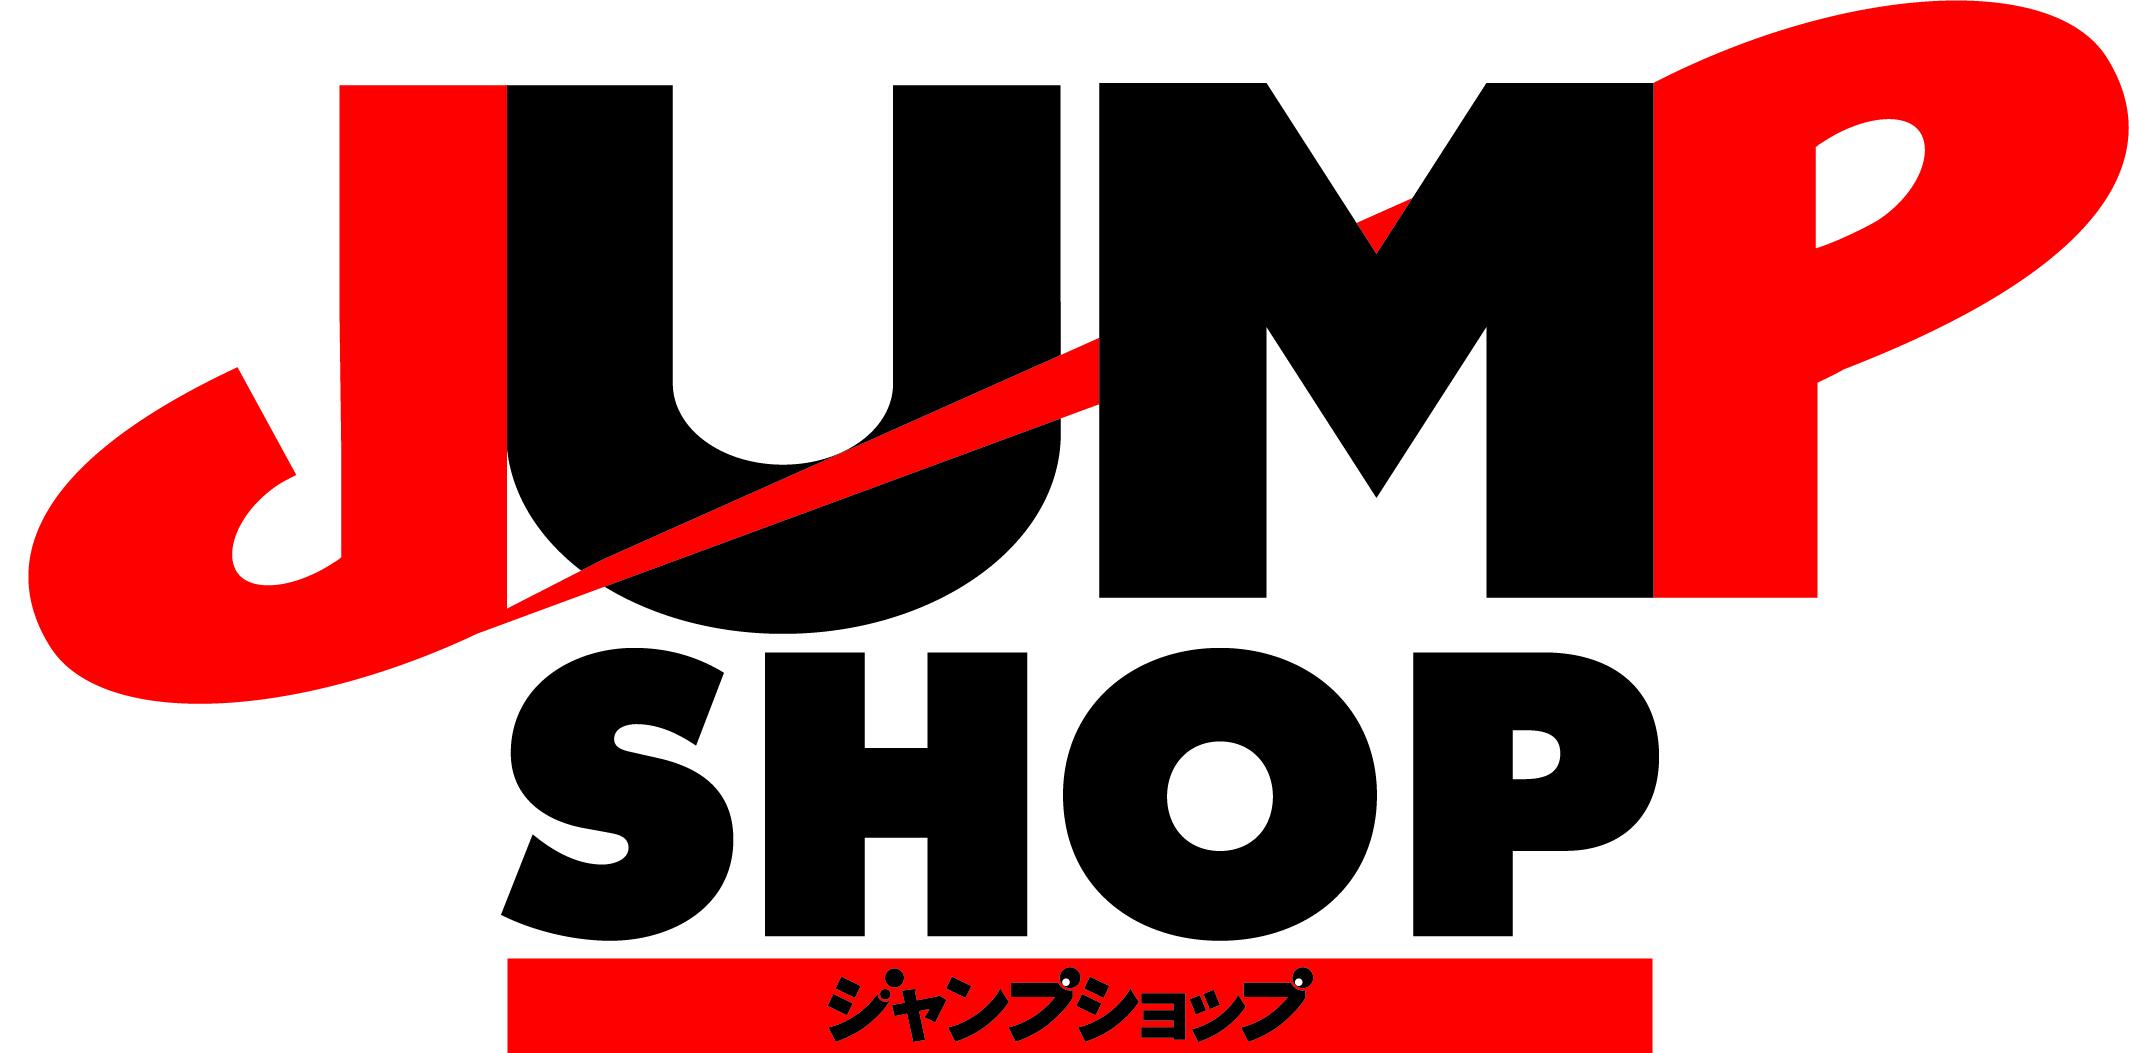 7月11日(土) 期間限定『鬼滅の刃』グッズショップin JUMP SHOP東京・アクアシティお台場店